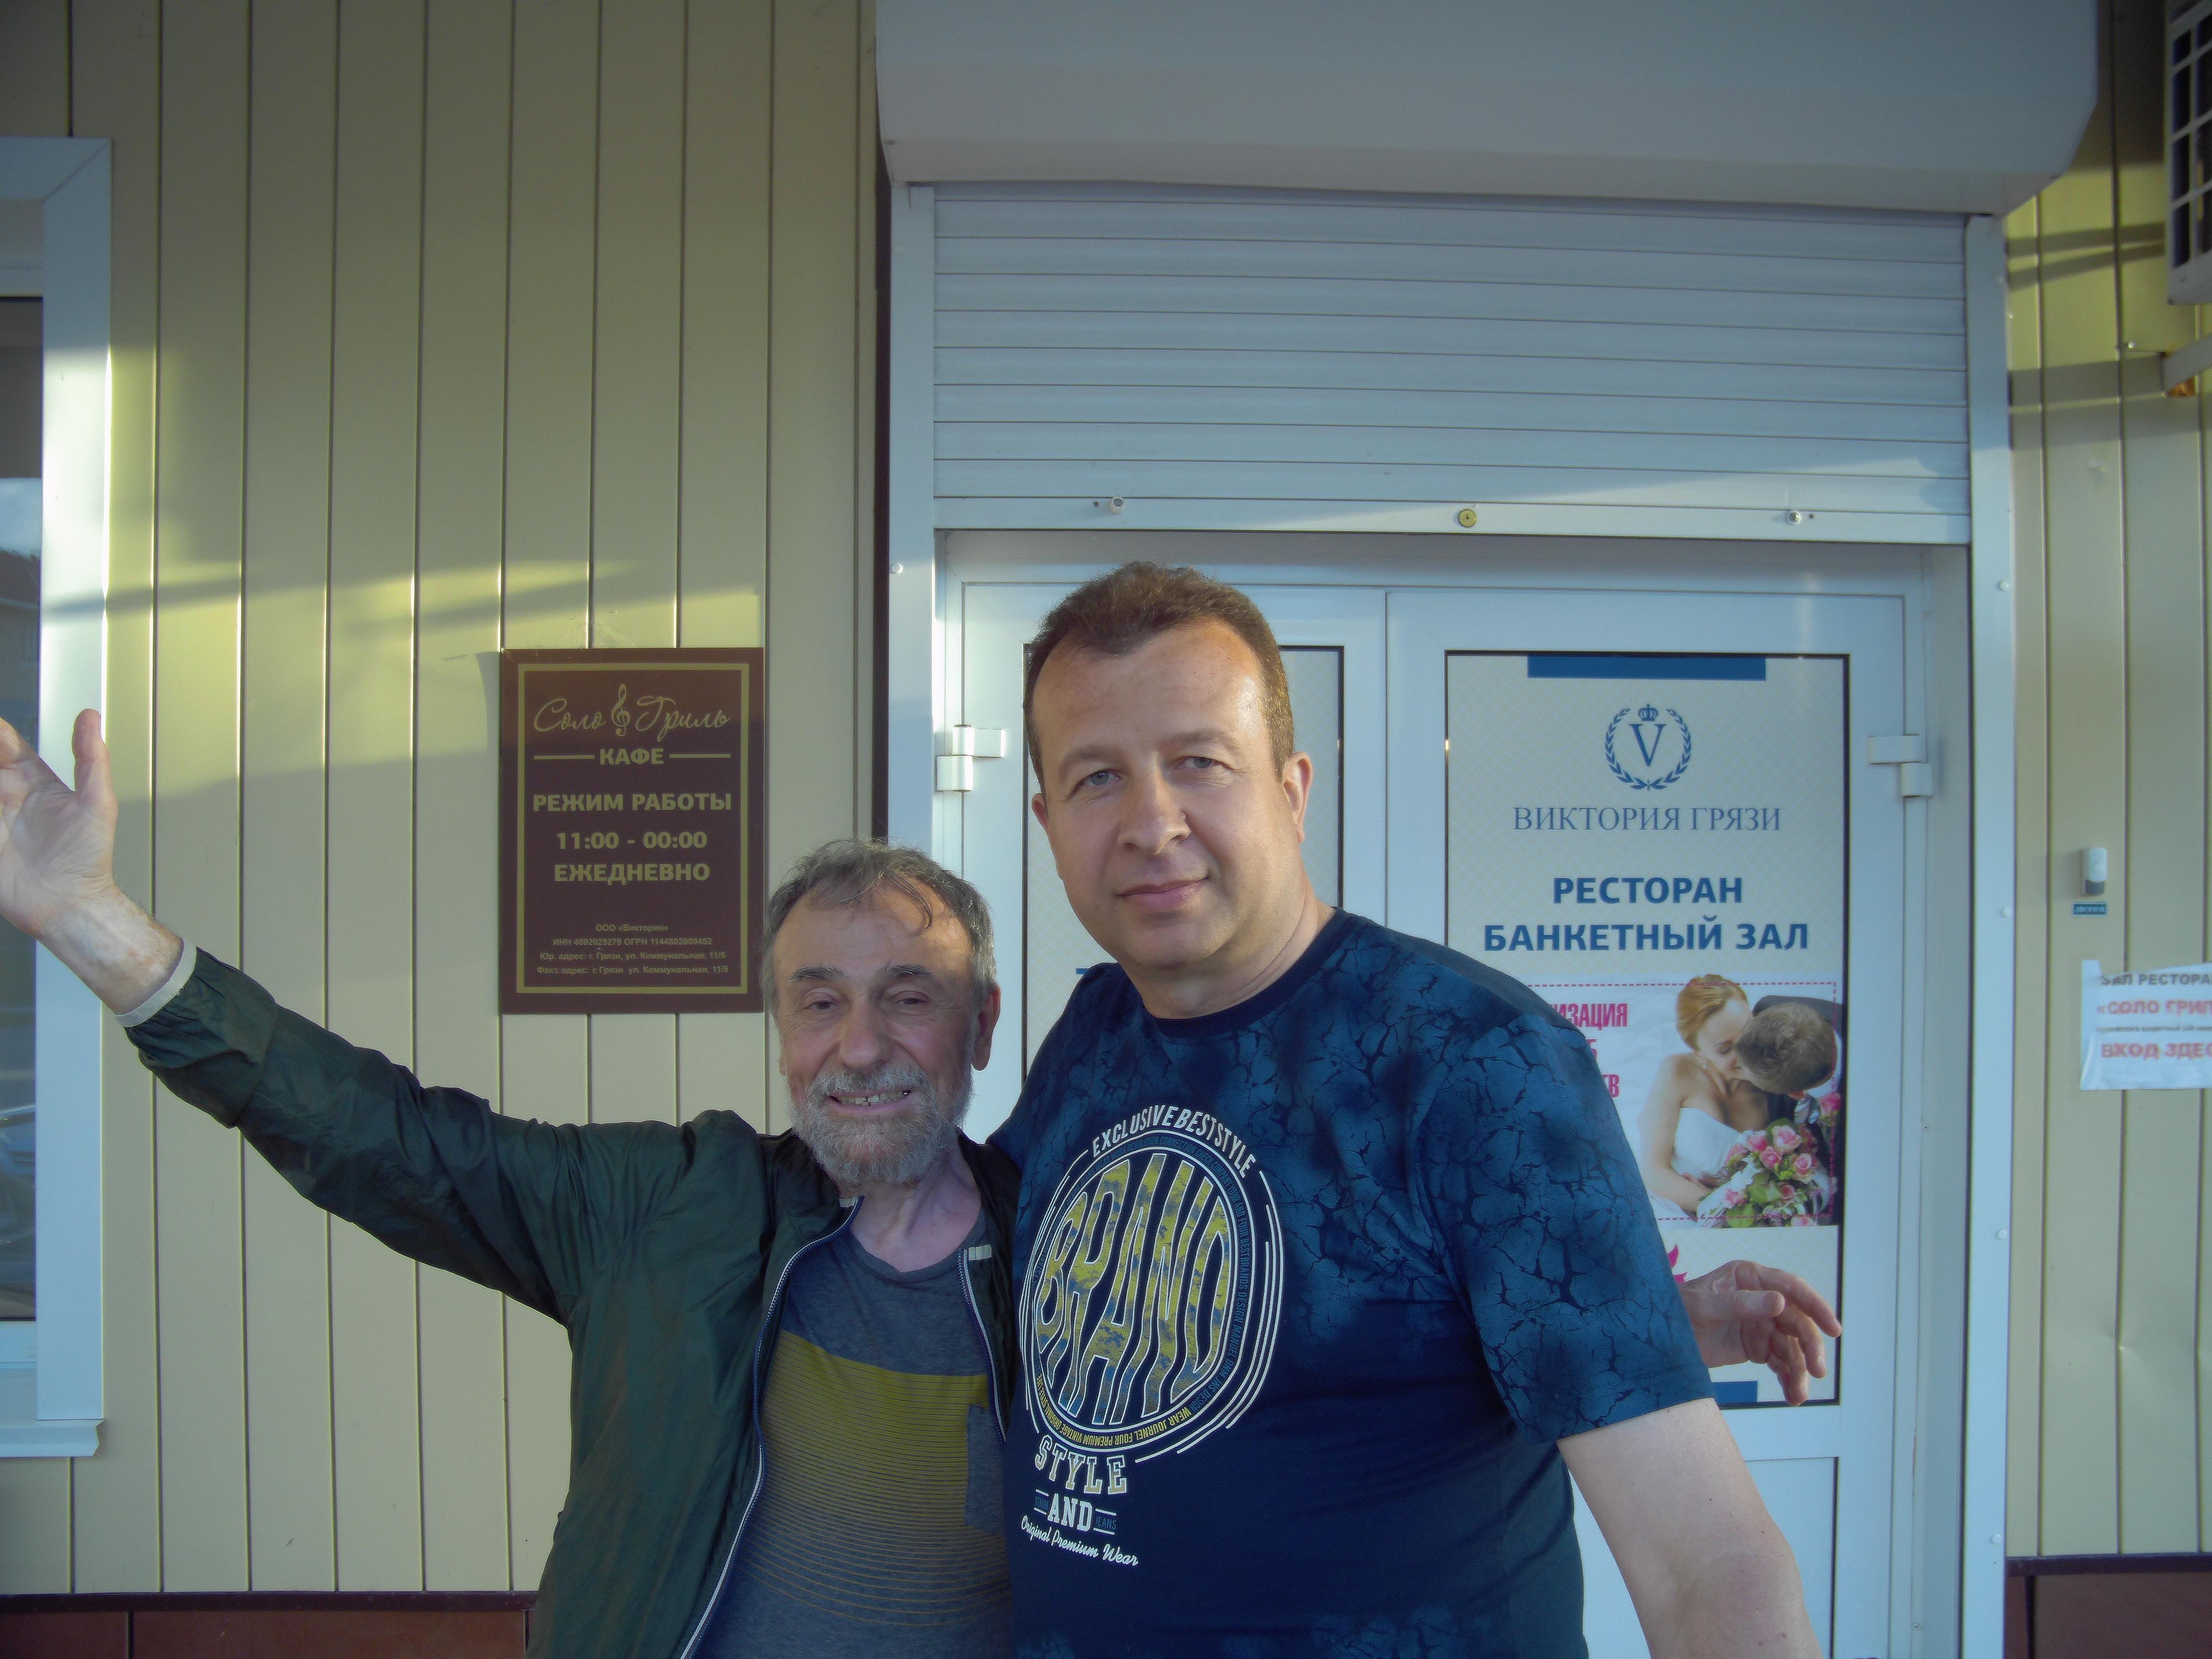 Разговор с Эдуардо. Что нравится в России? Часть 1 Русские субтитры.